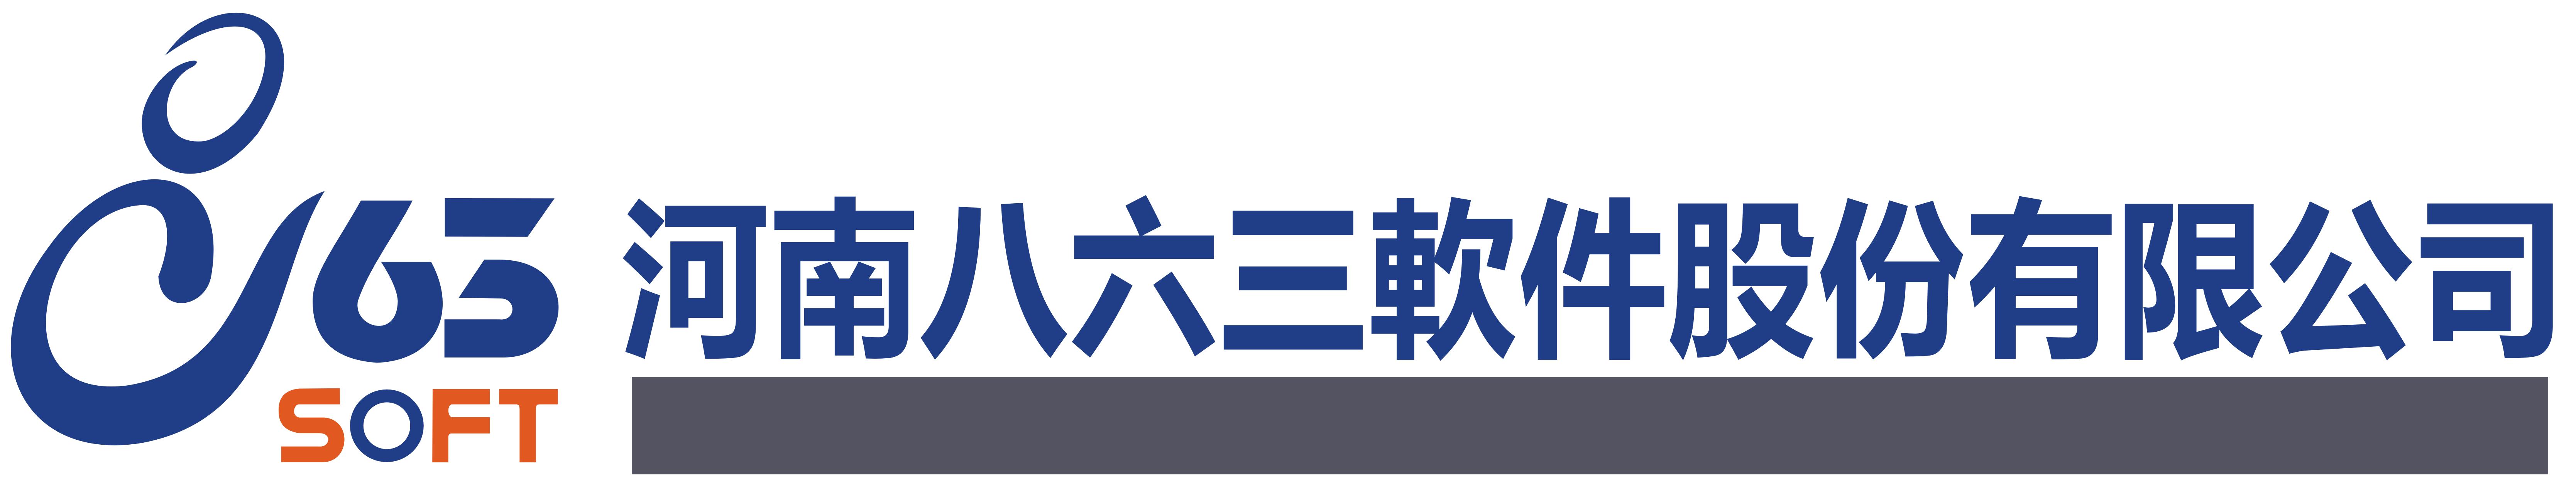 河南八六三软件股份有限公司对日BSE开发工程师日企招聘信息